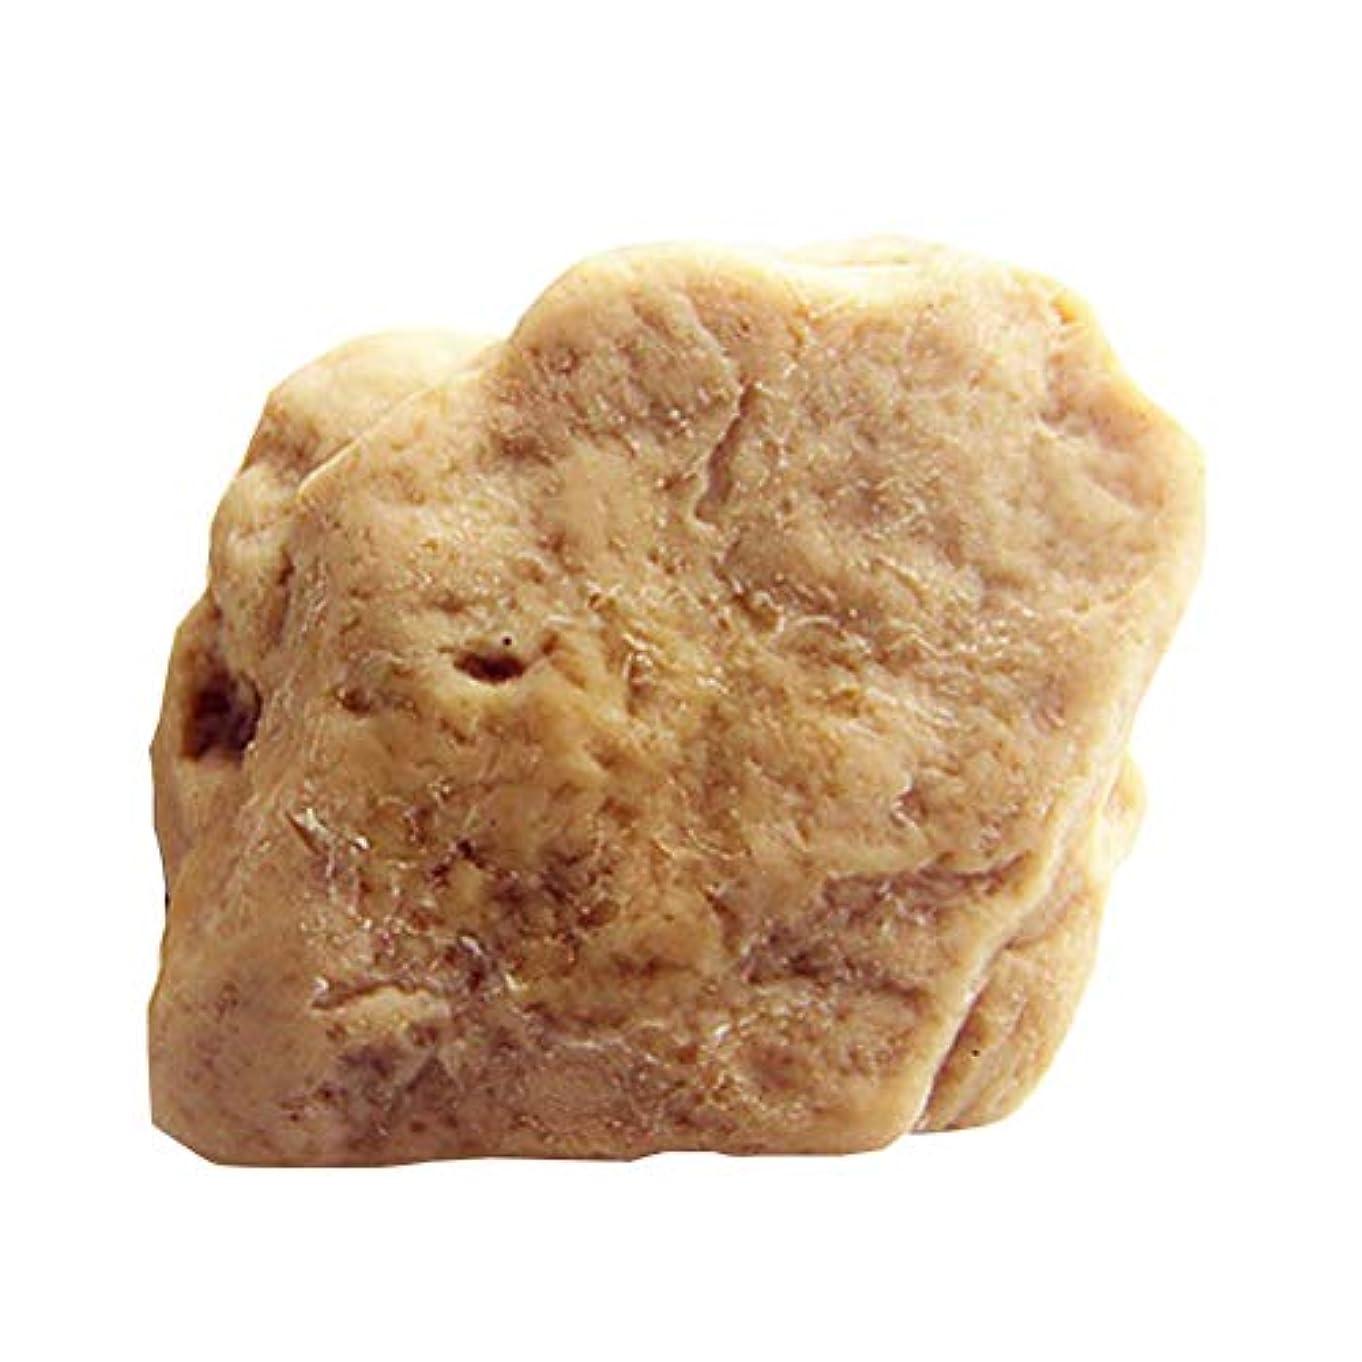 に賛成休憩する卵Creacom オリーブオイル 石鹸 肌に優しい無添加 毛穴 対策 洗顔石鹸 保湿 固形 毛穴 黒ずみ 肌荒れ くすみ ニキビ 美白 美肌 角質除去 肌荒れ 乾燥肌 オイル肌 混合肌 対策 全身可能